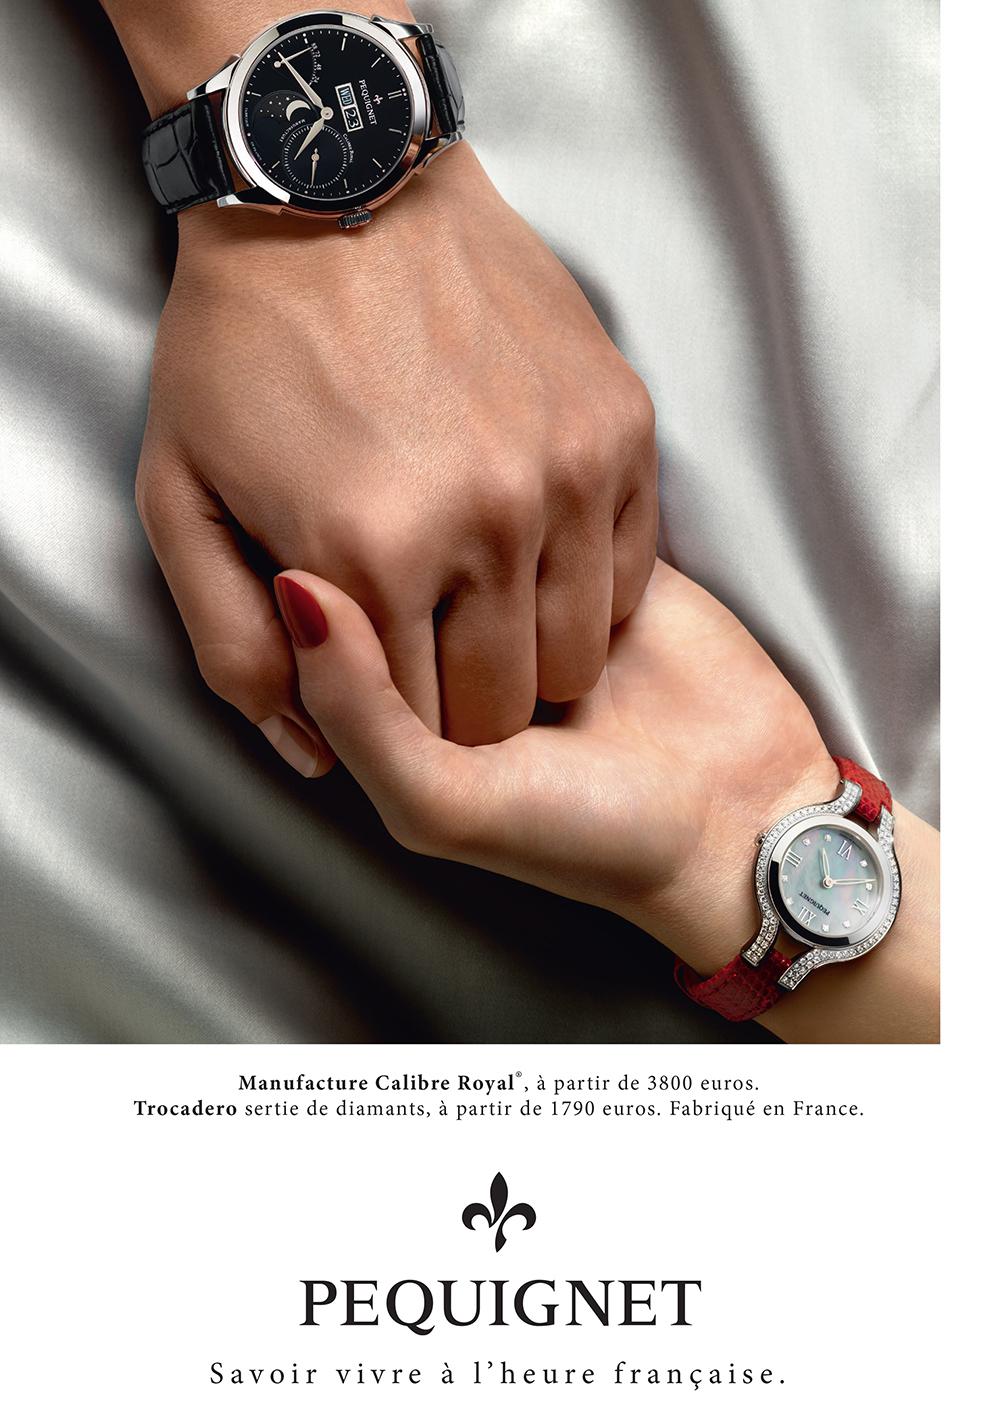 pequignet-montres-publicite-marketing-luxe-savoir-vivre-poignet-agence-buy-ideas-2015-2